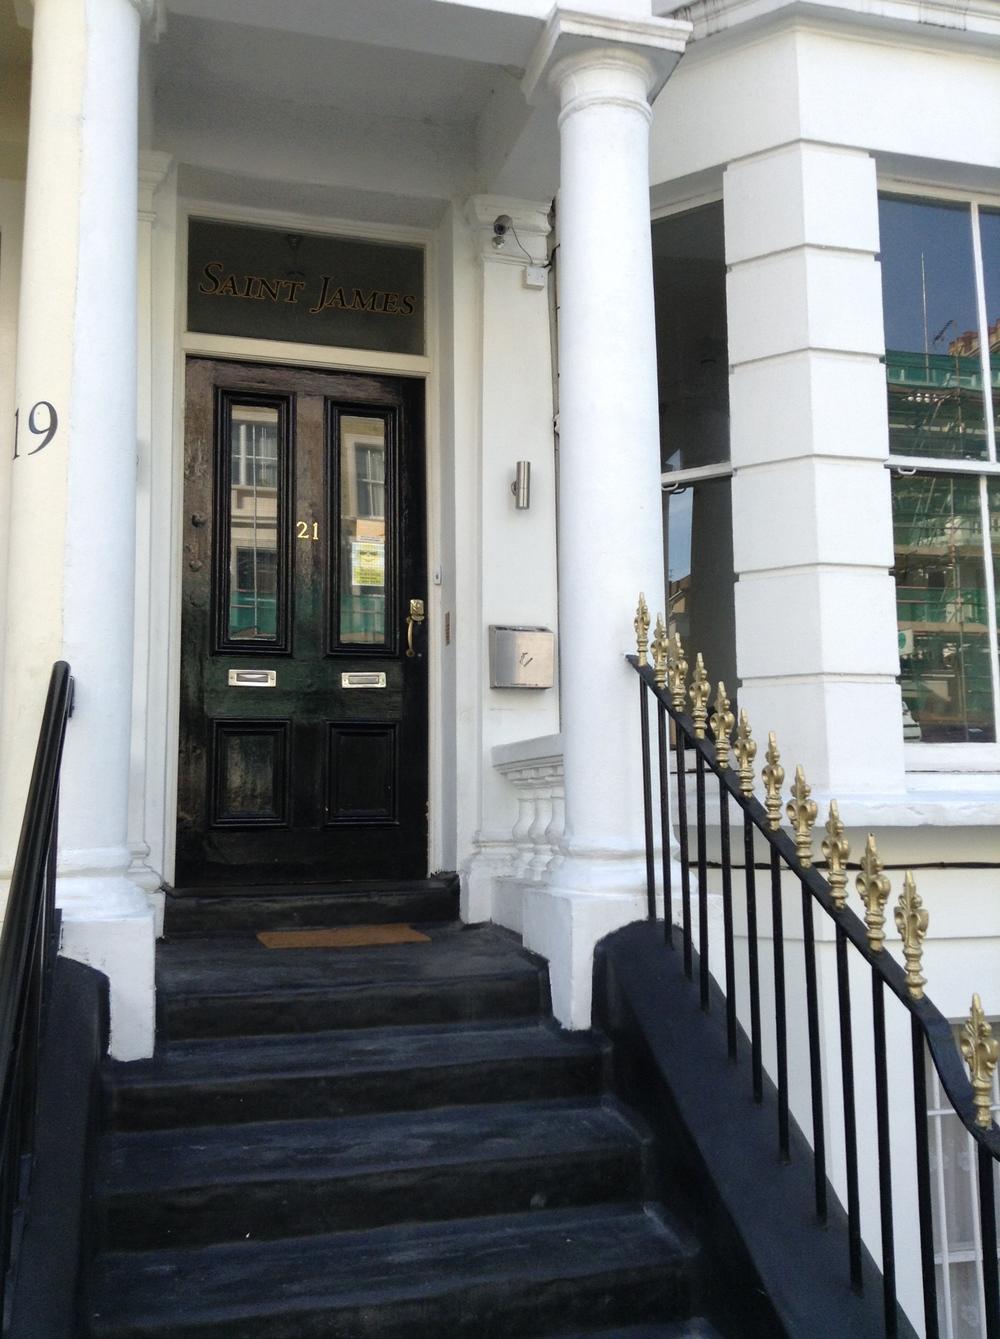 Guest Gallery  U2014 Saint James Backpackers Hostel London